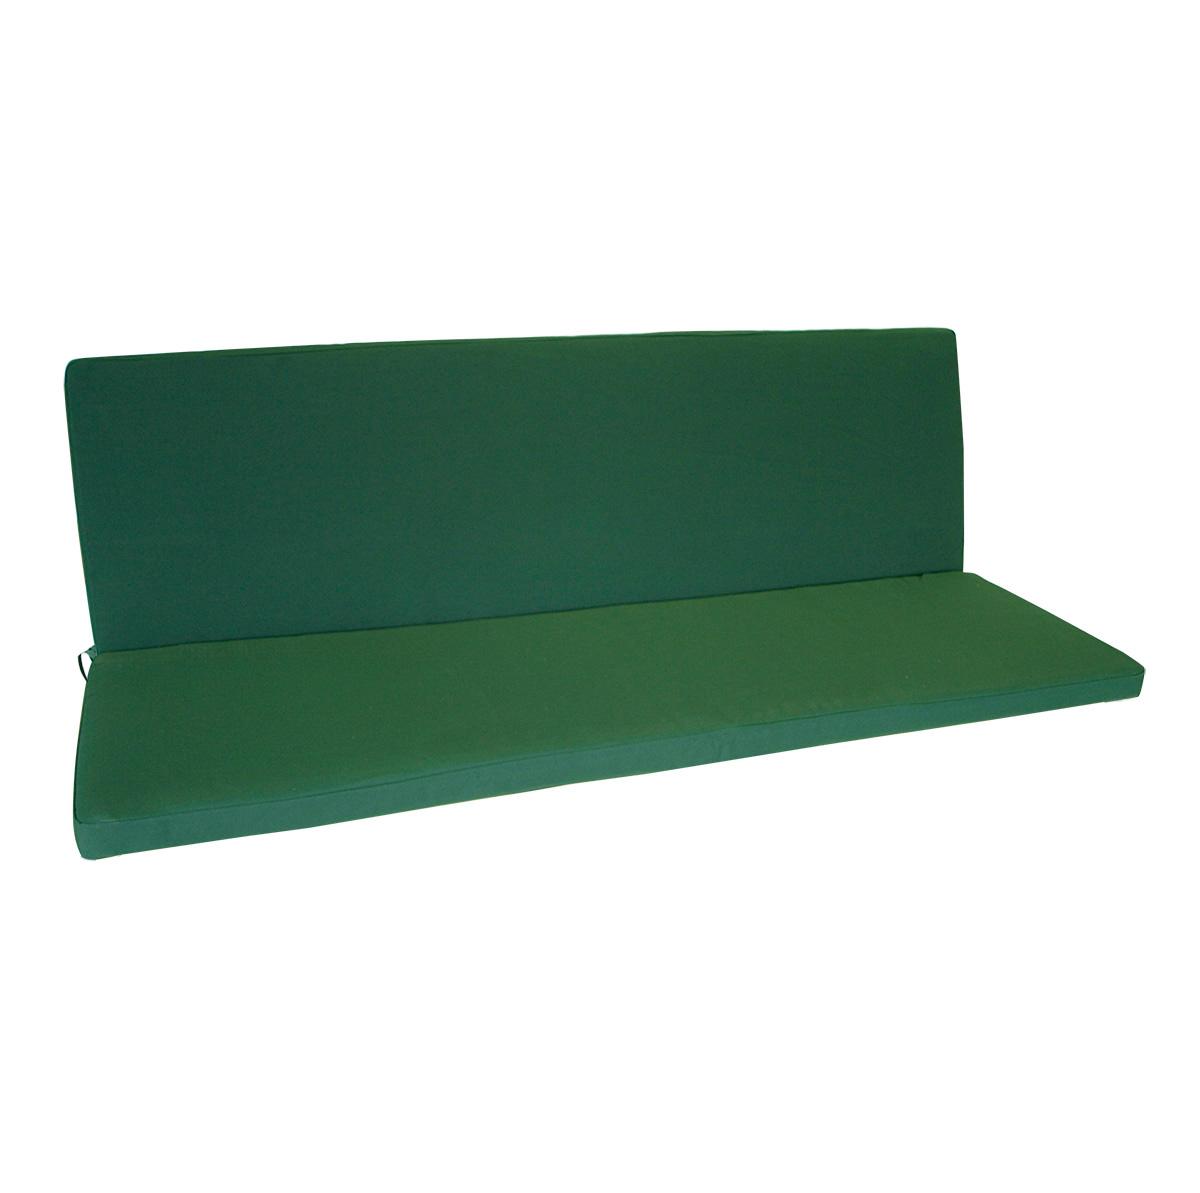 Auflage DENVER für Bank 3-sitzer, dunkelgrün